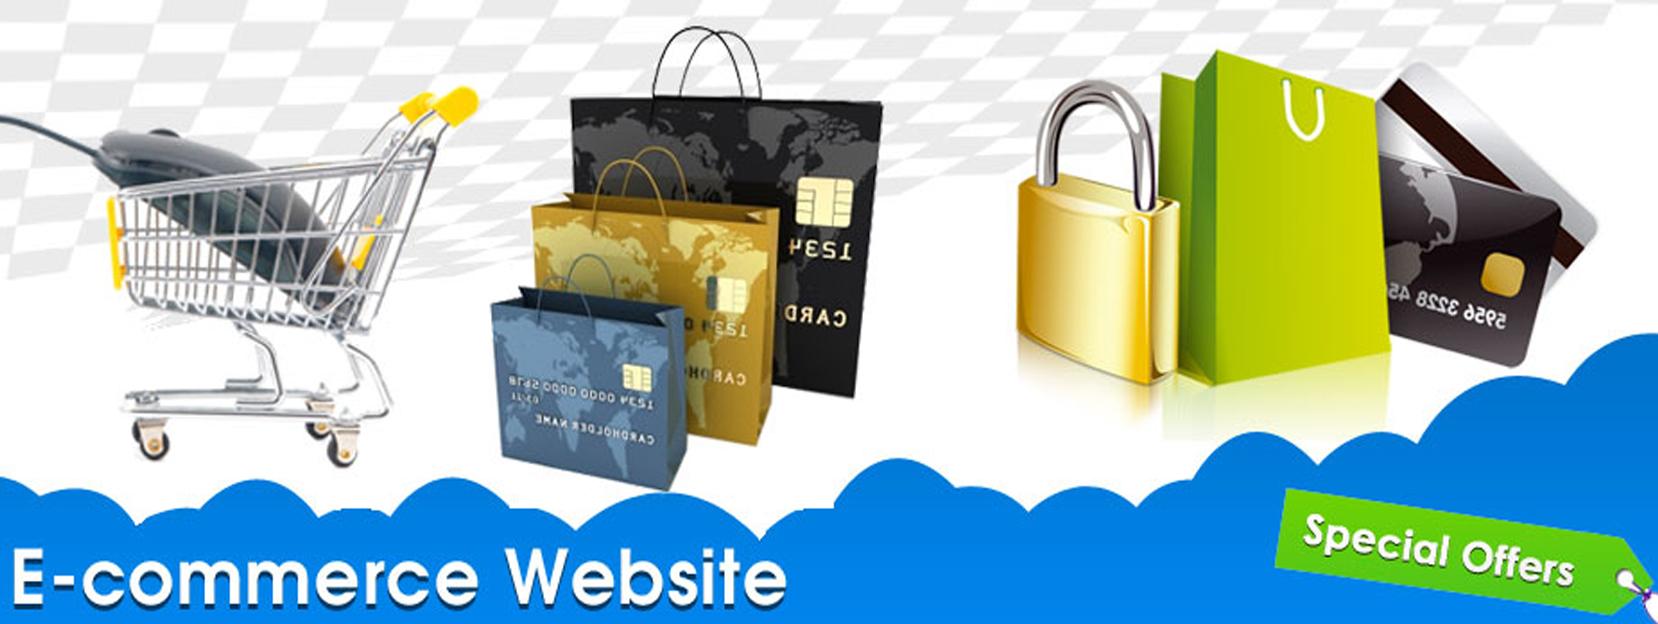 Banner design for e commerce - Ecommerce Website Design